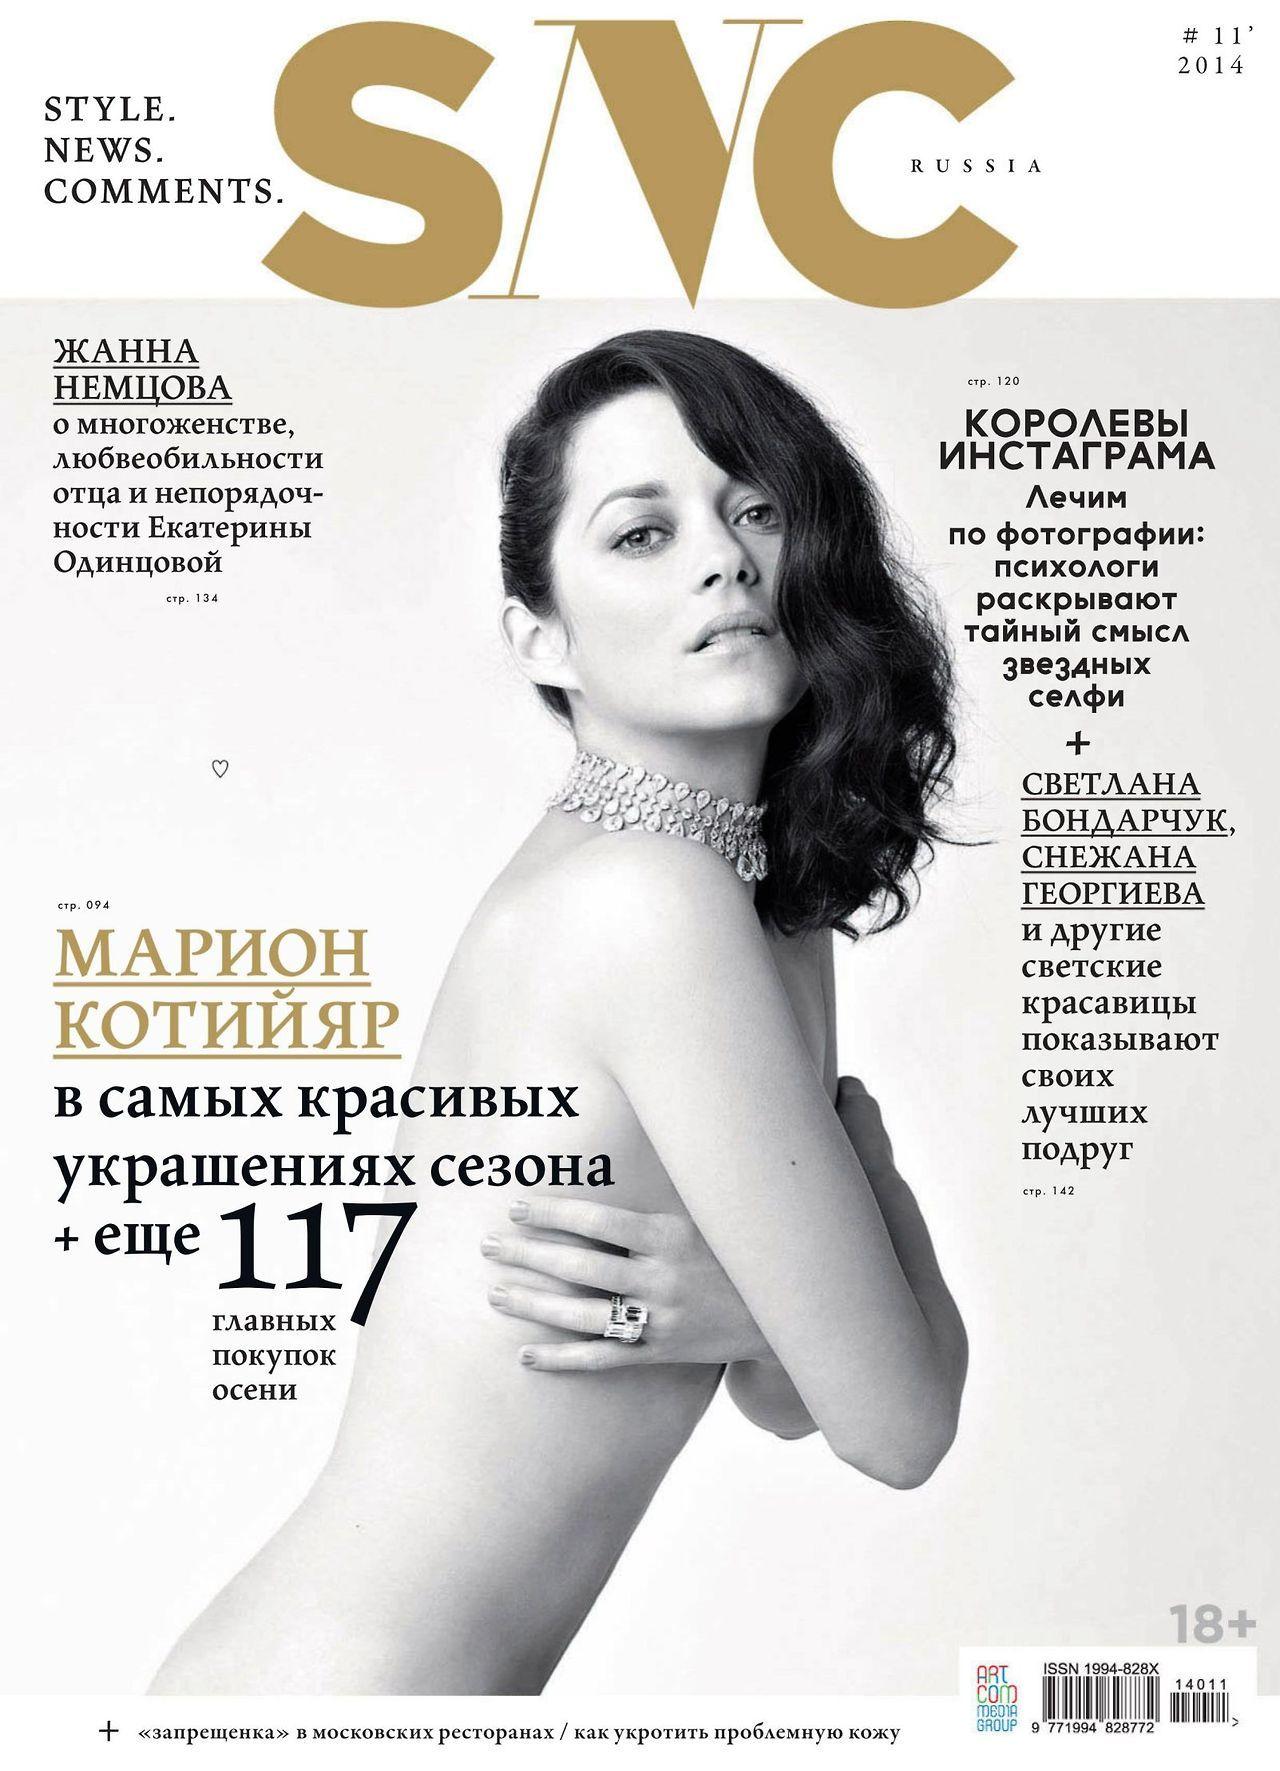 Marion Cotillard sulla cover del magazine russo SNC